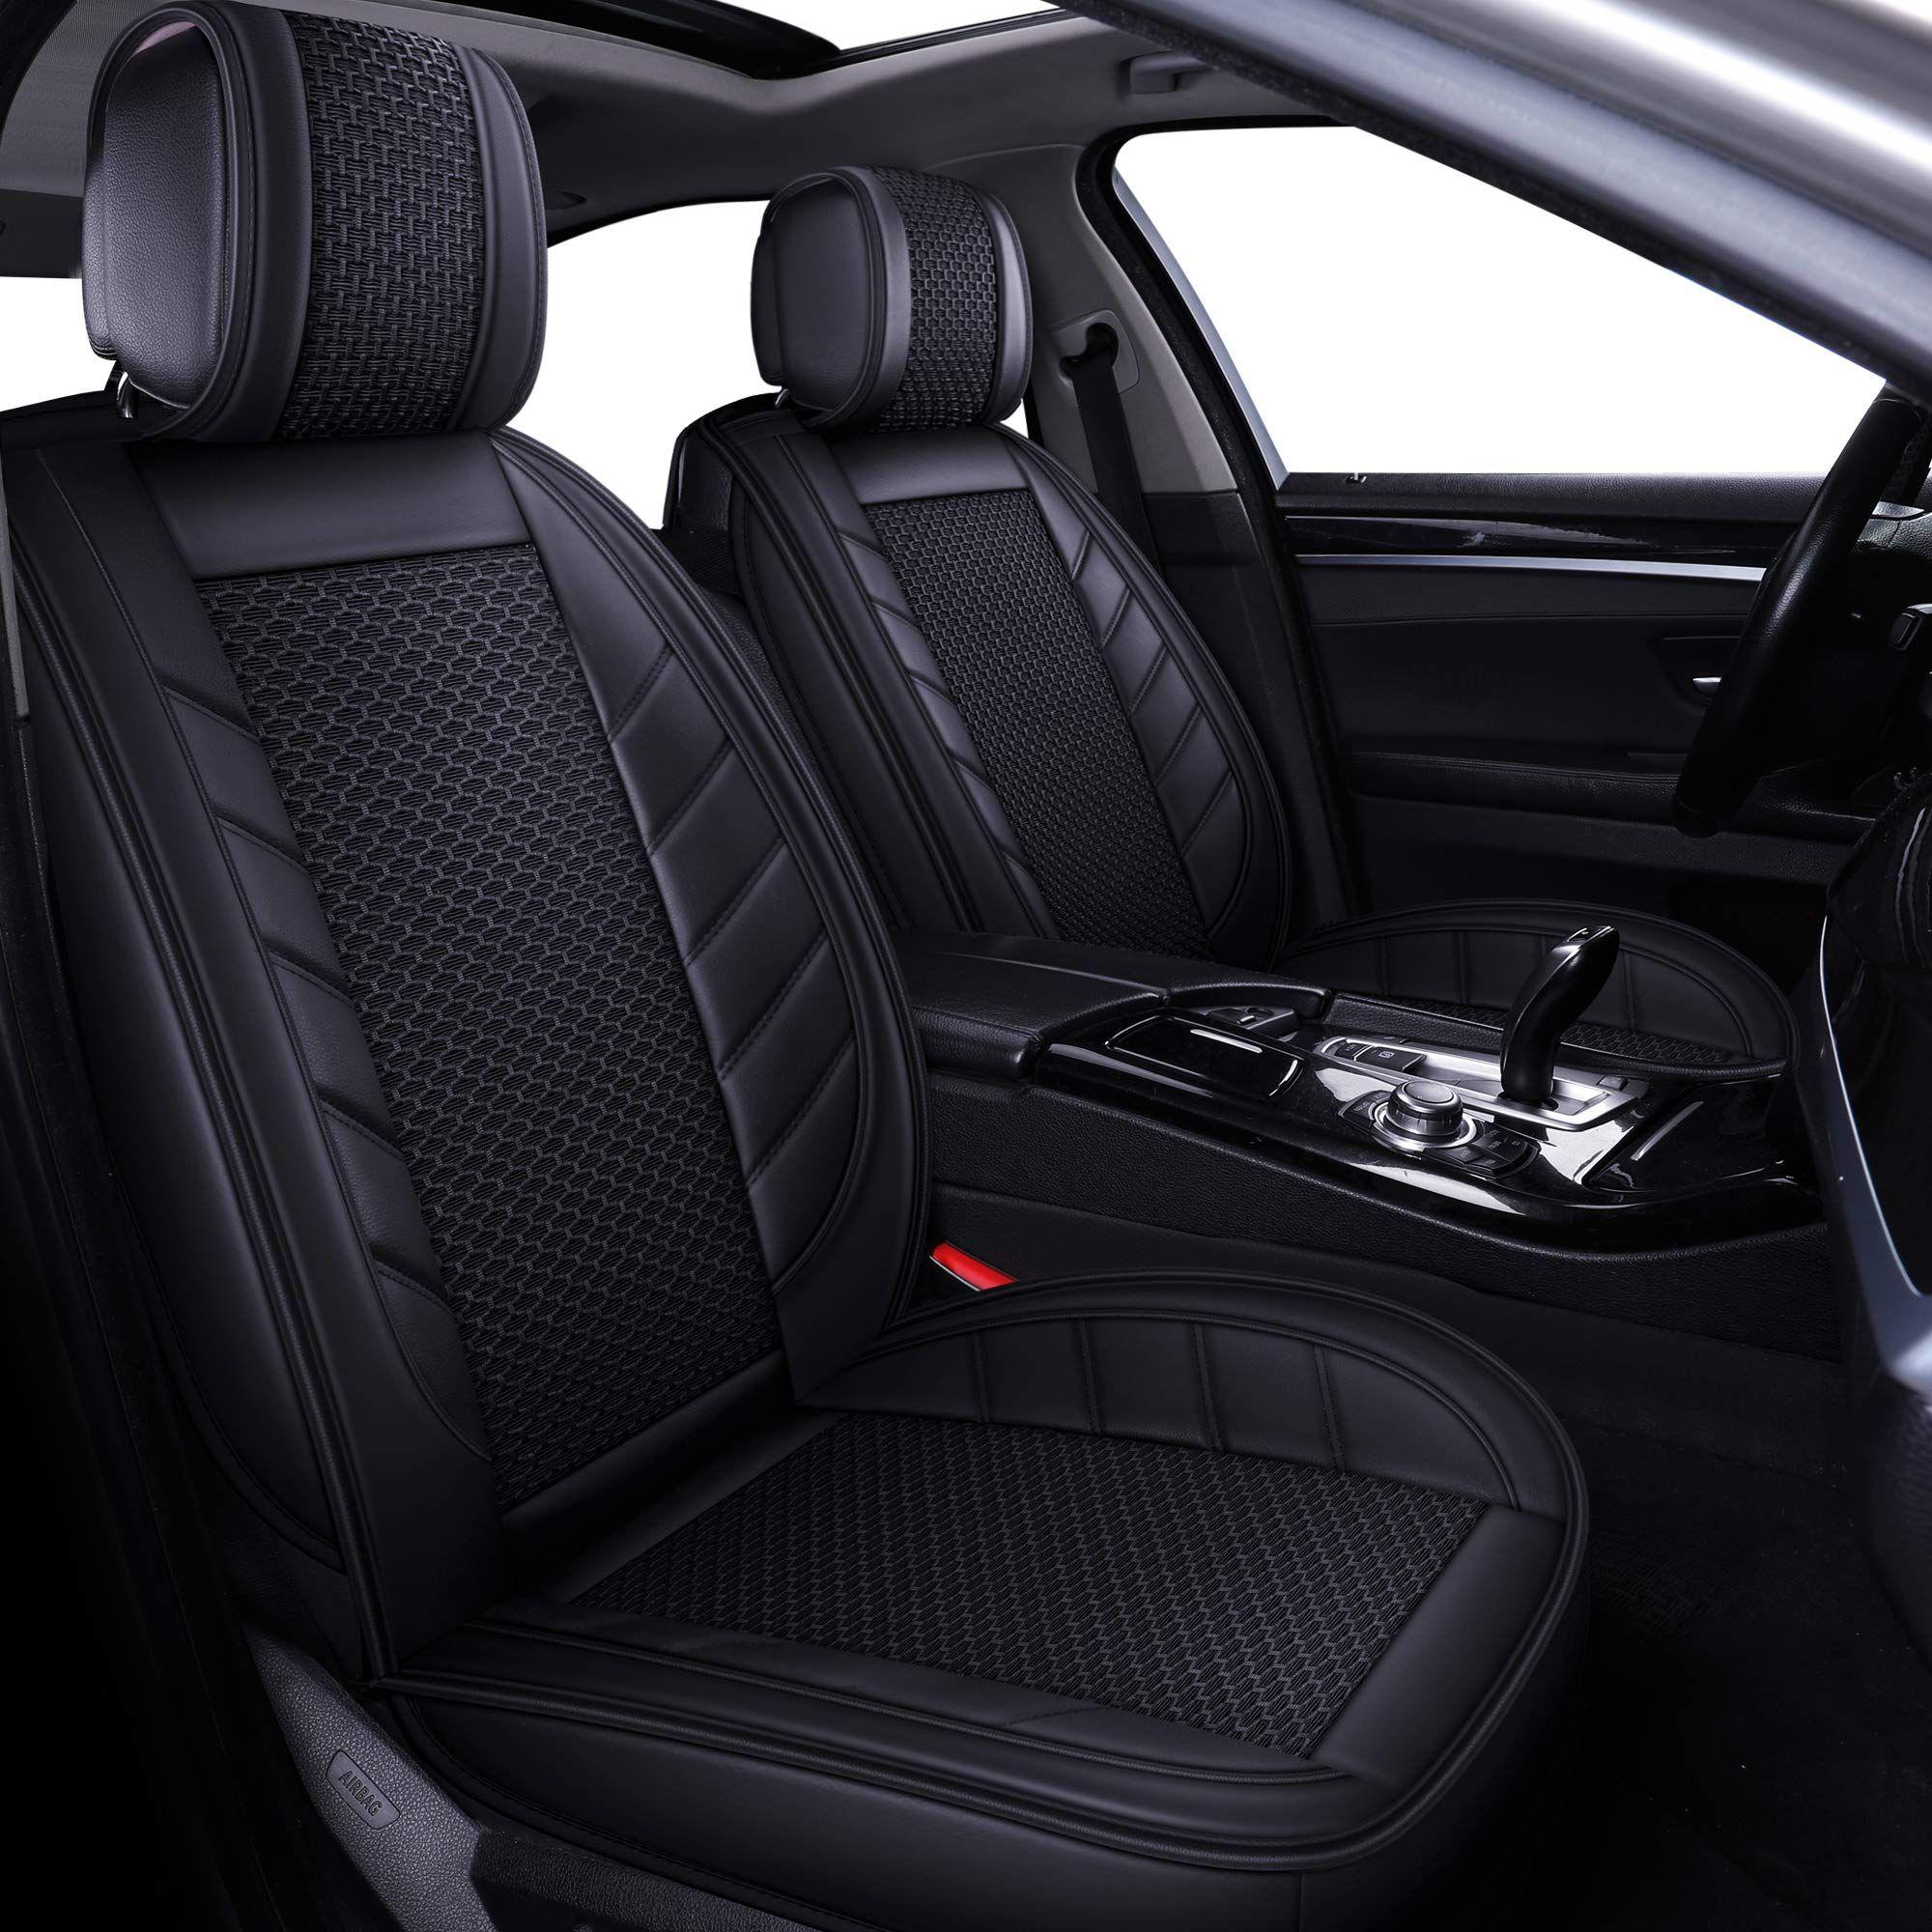 Luckyman Club Breathable 5 Car S Car Seats Camry Car